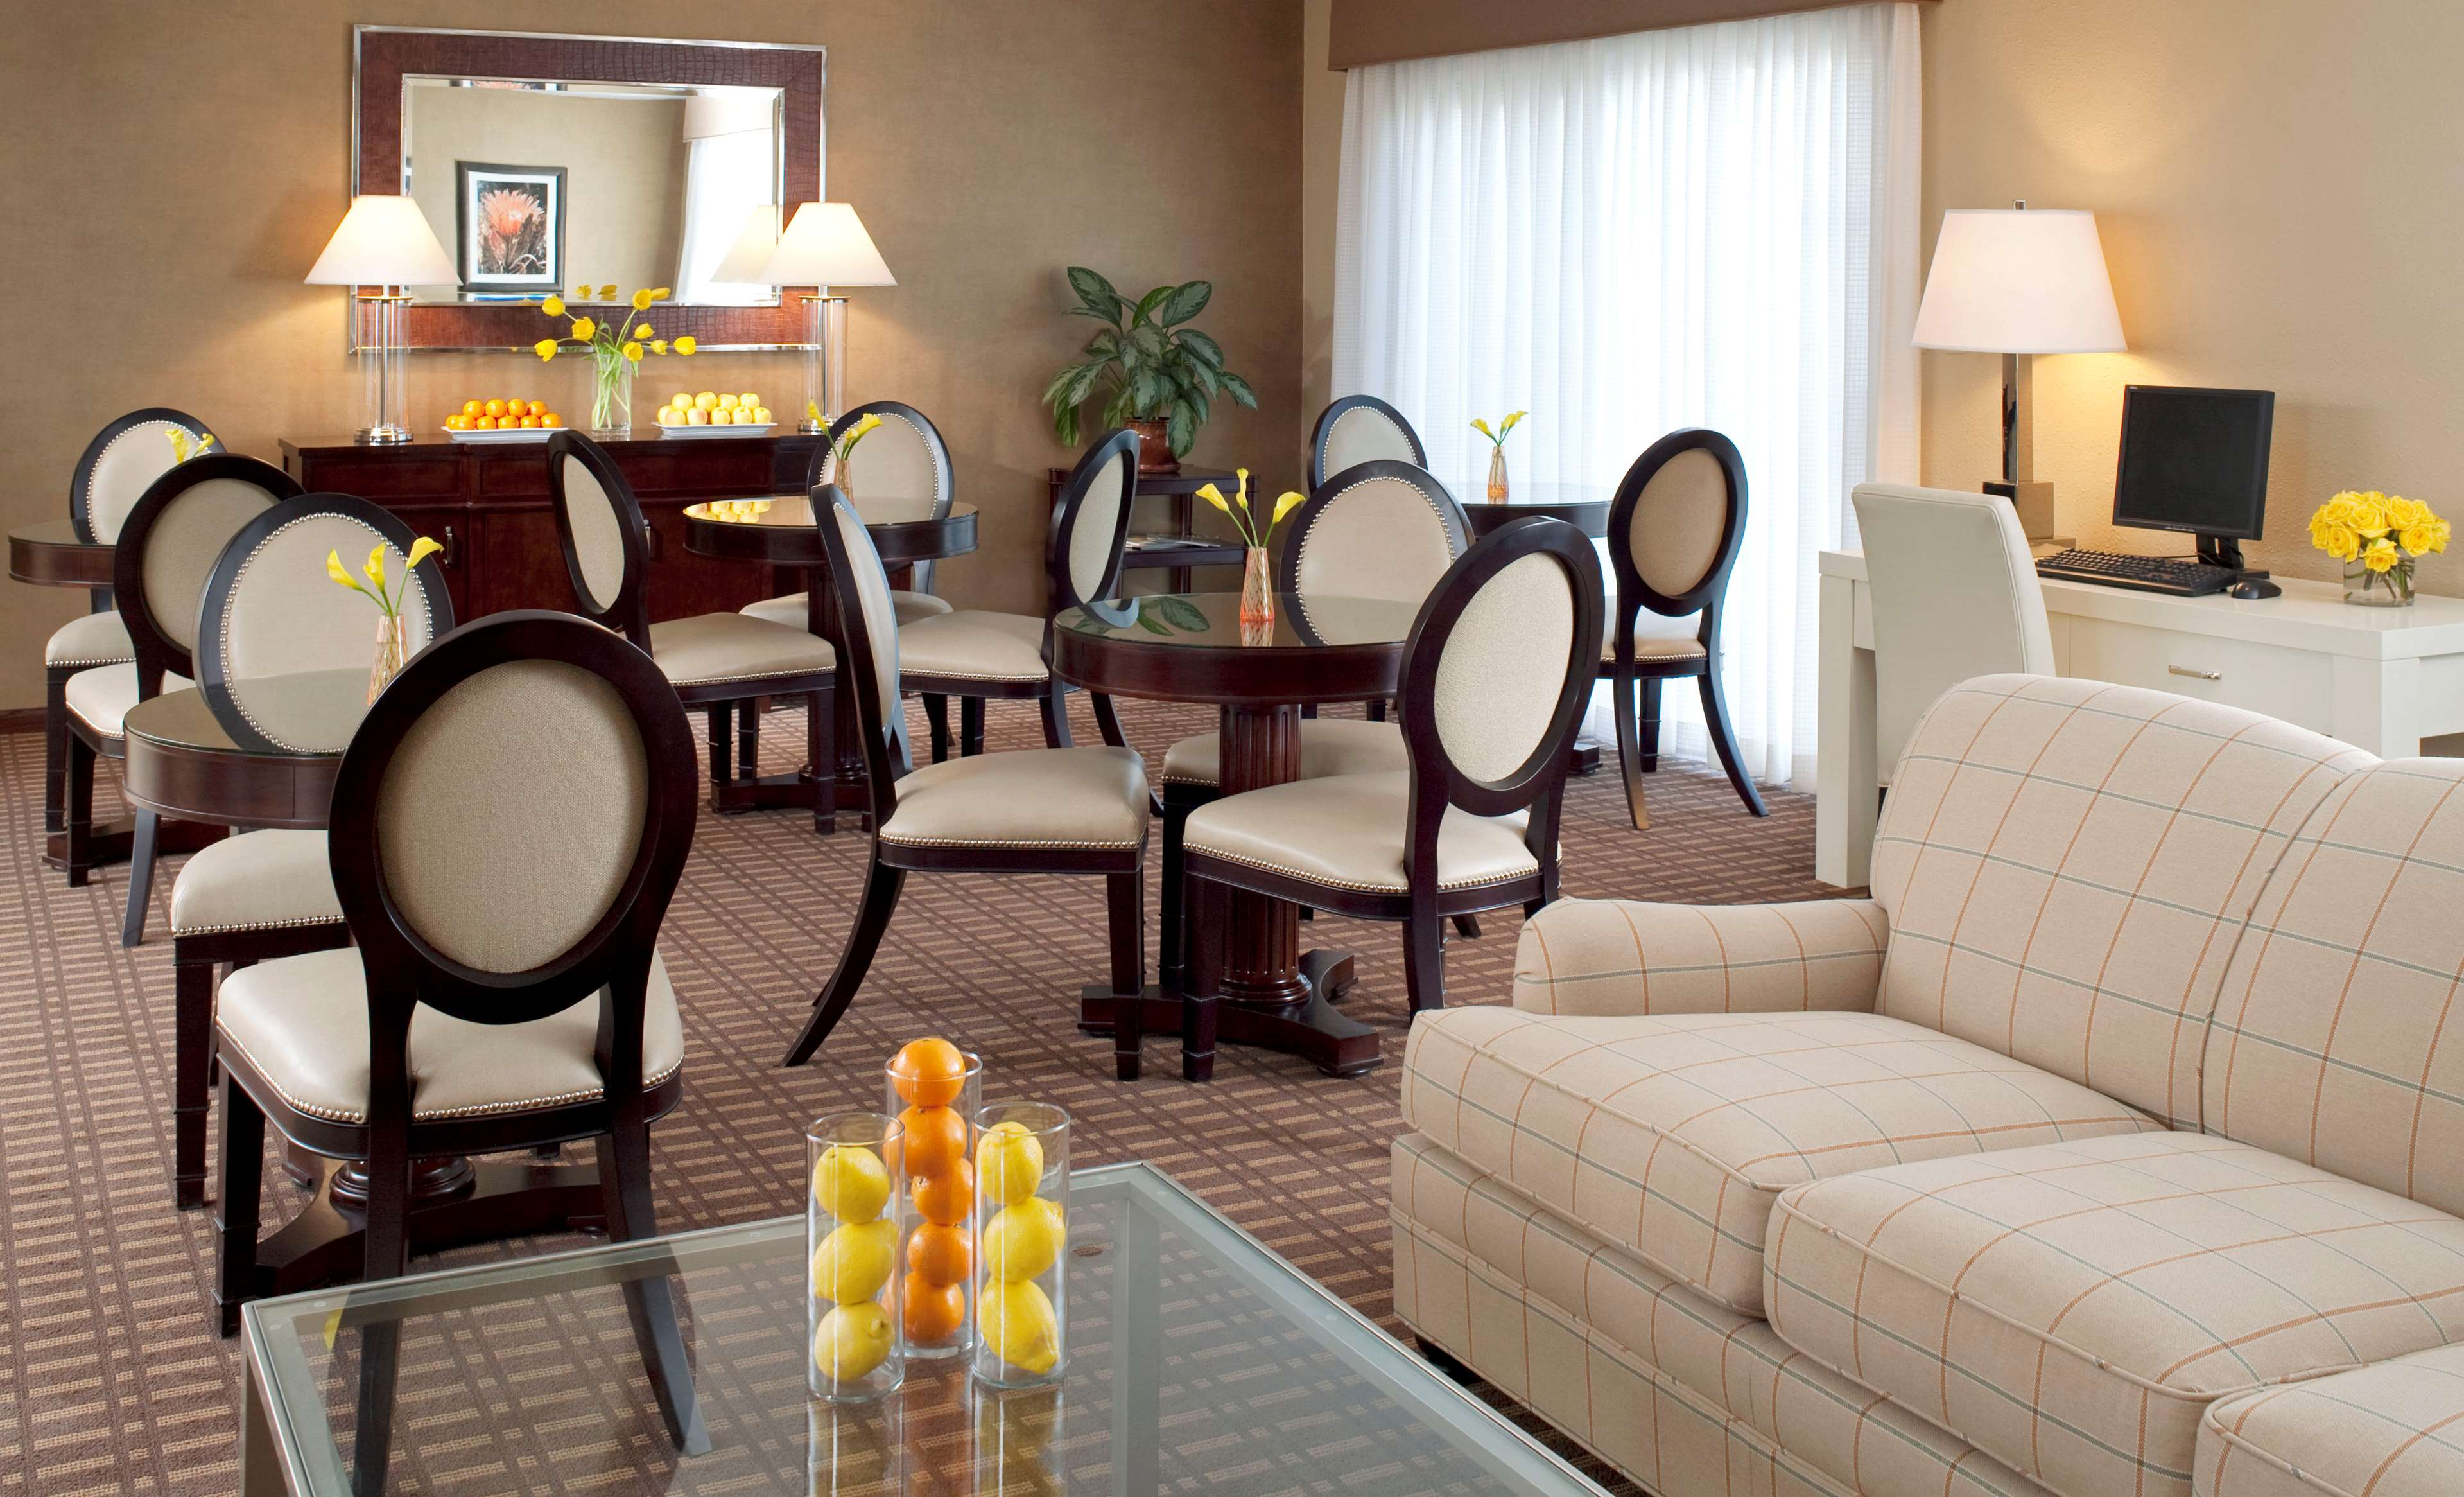 Sheraton Tucson Hotel & Suites image 9